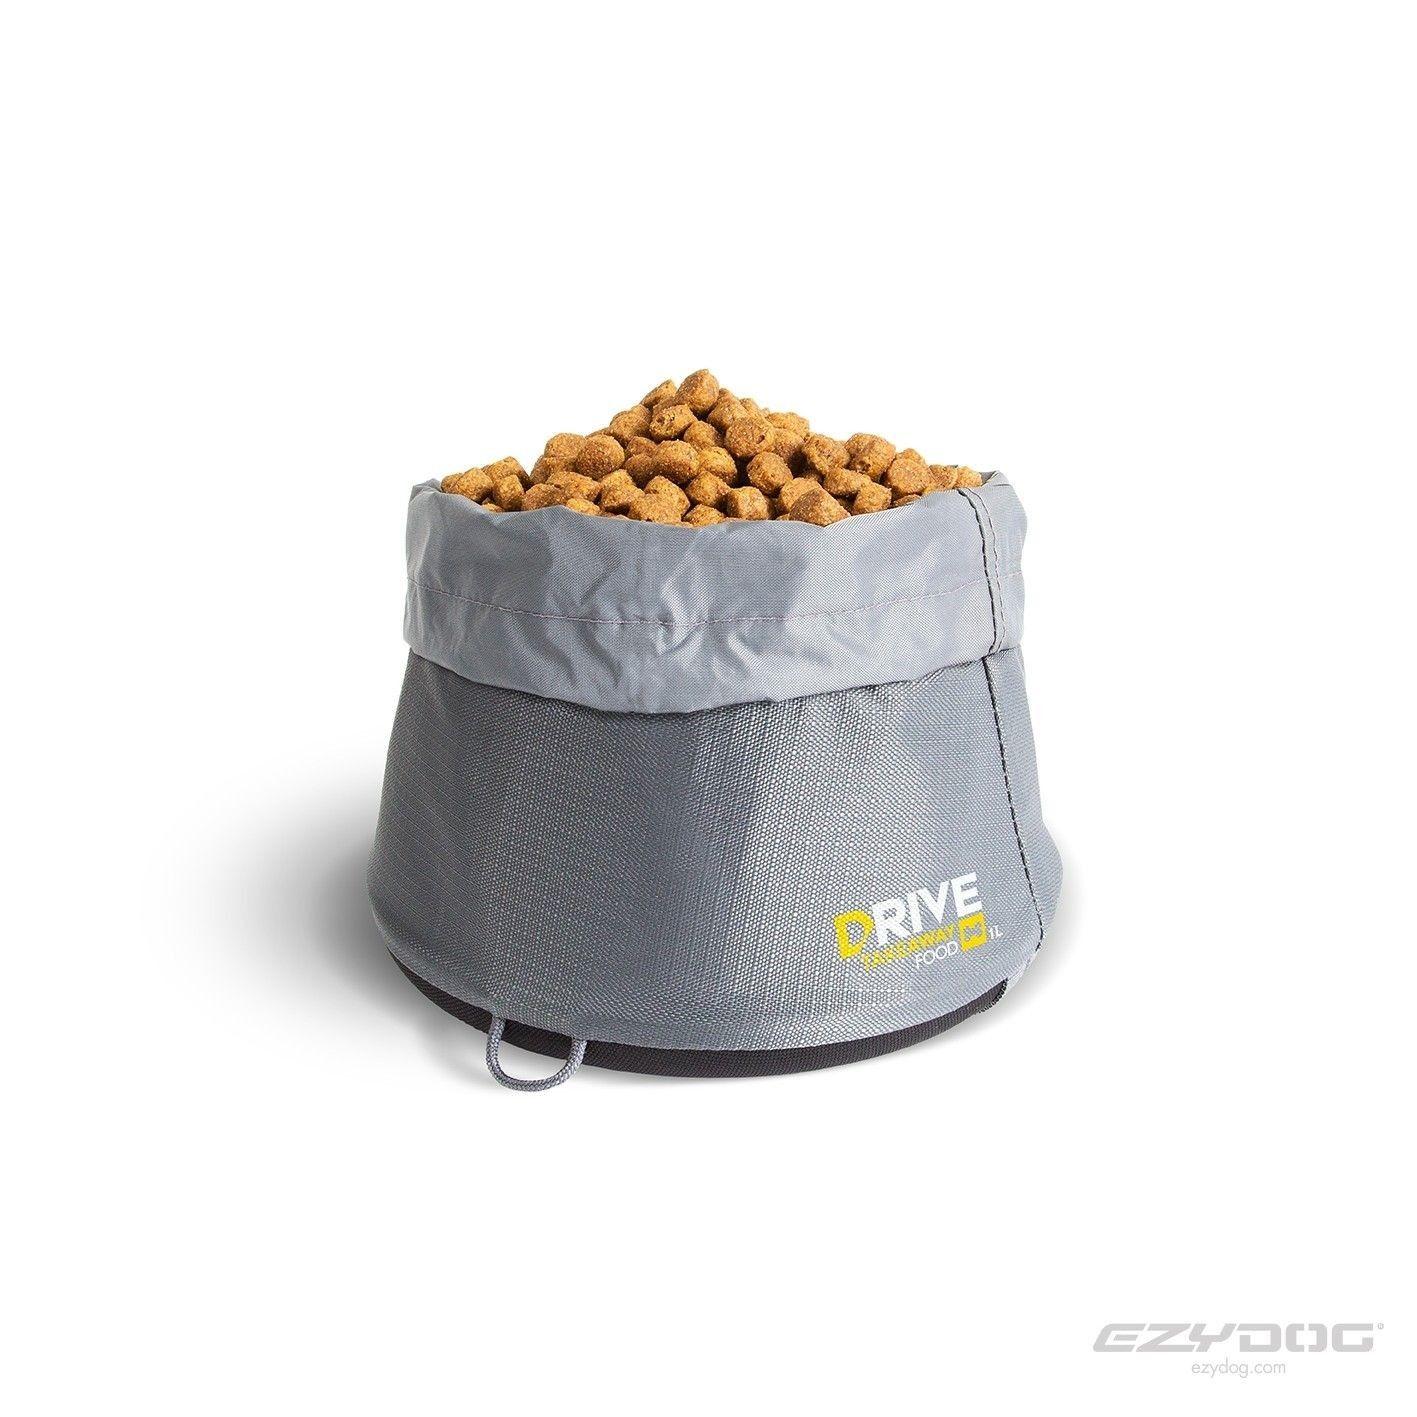 Gamelle nourriture de voyage pour chien Drive Takeaway